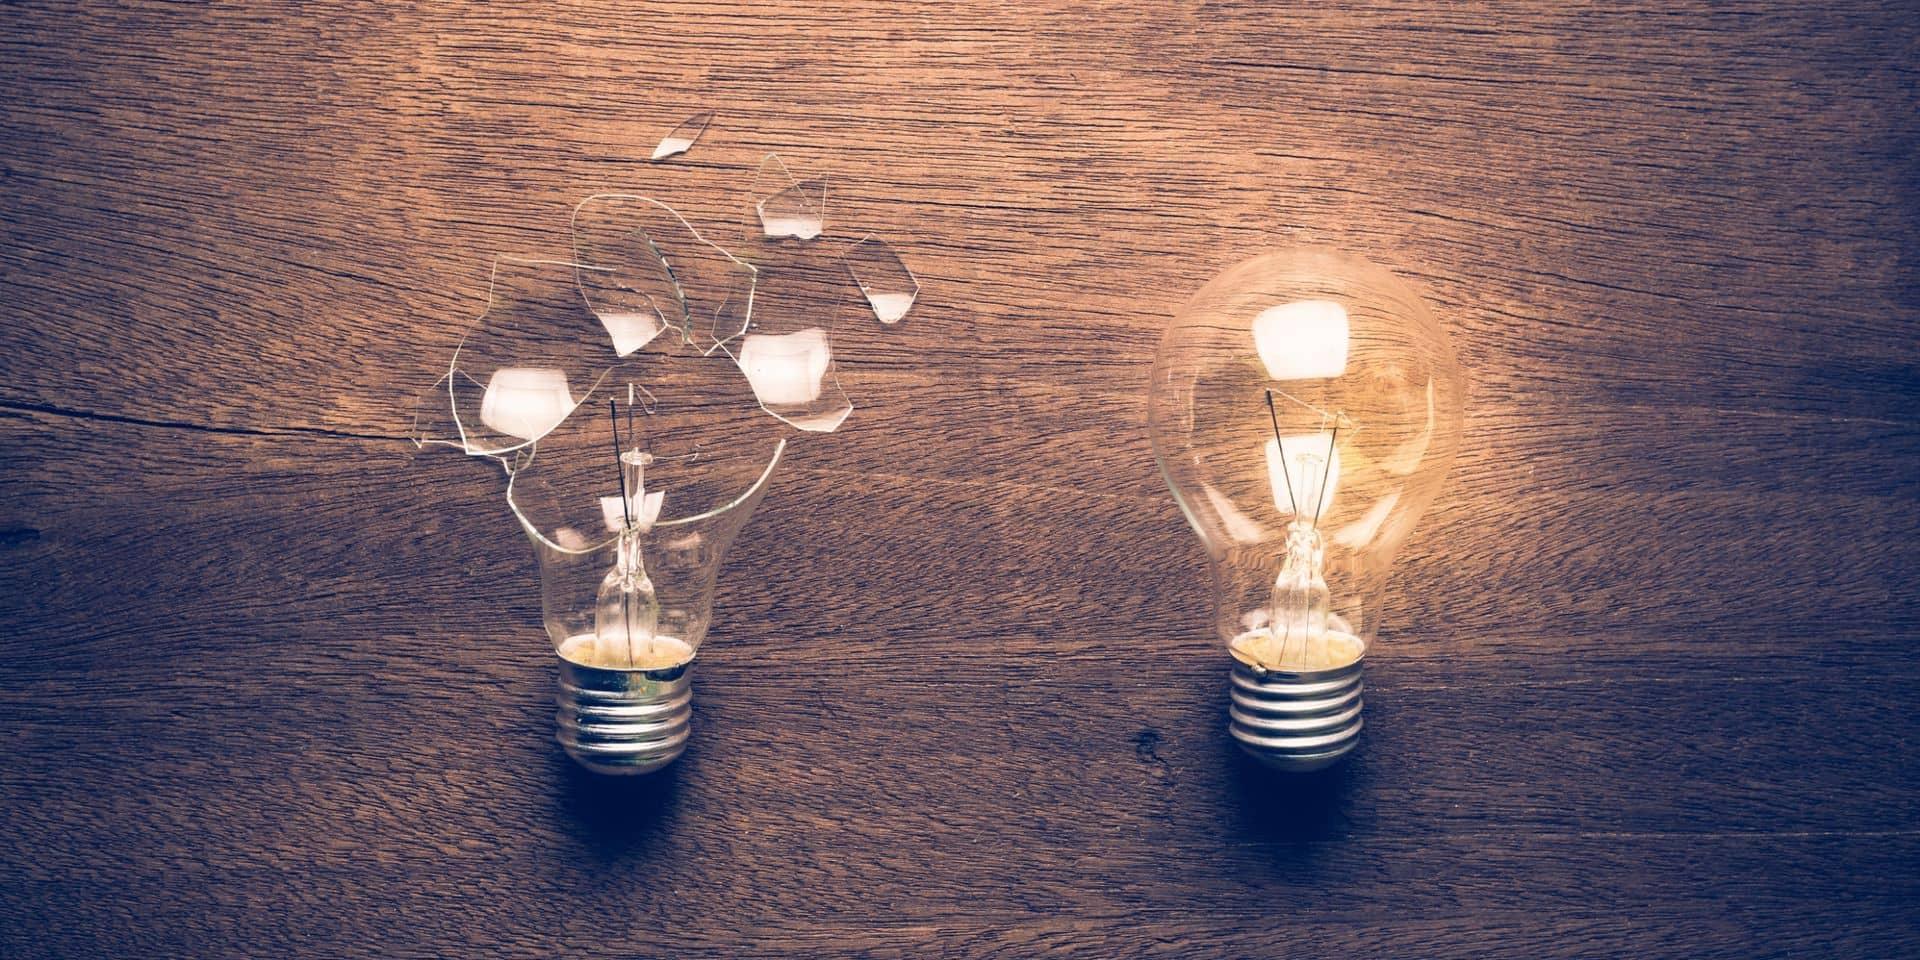 De nouveau un risque de pénurie d'électricité en cas de coup de froid et d'absence de vent